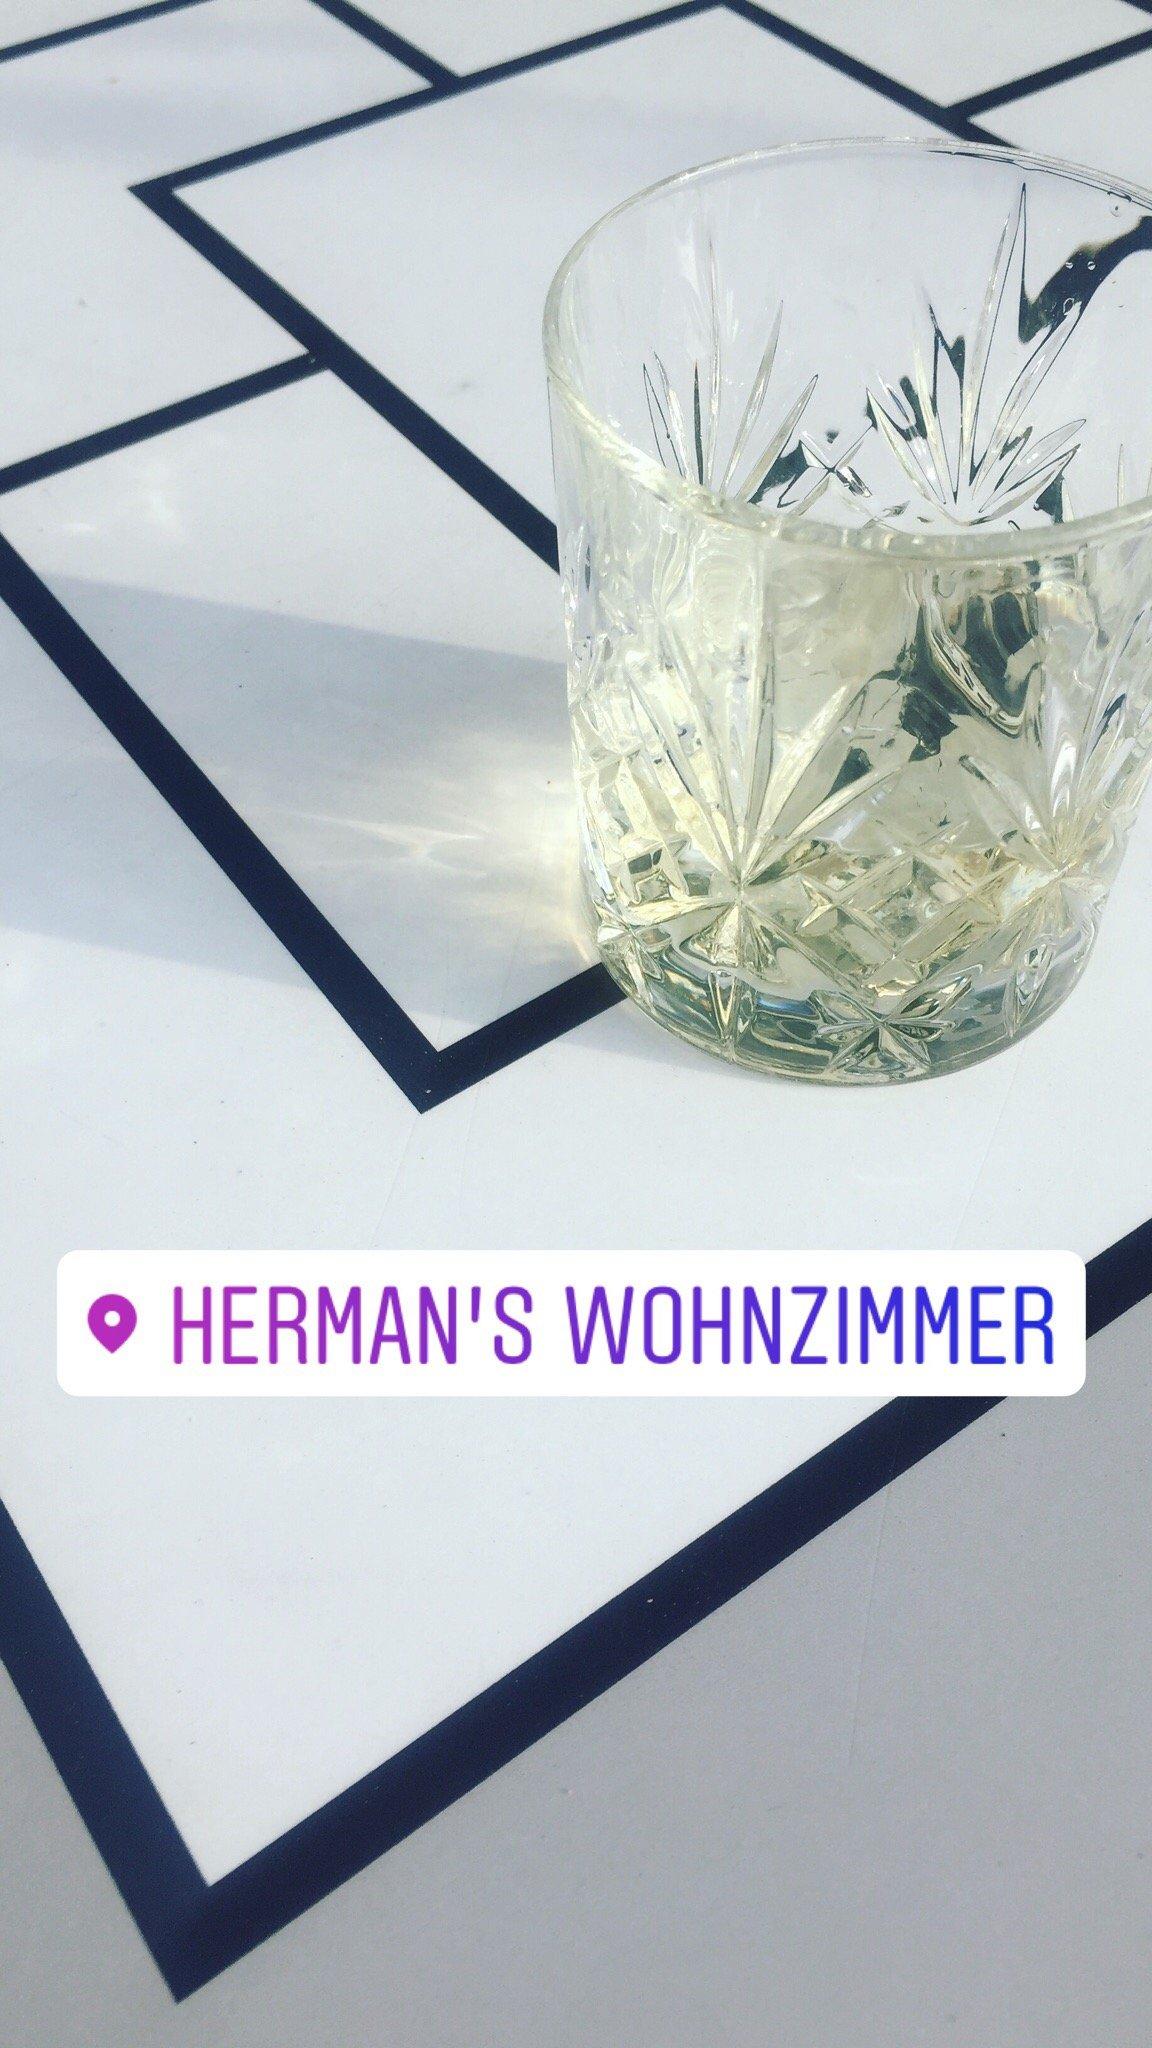 Hermans Wohnzimmer Zurich